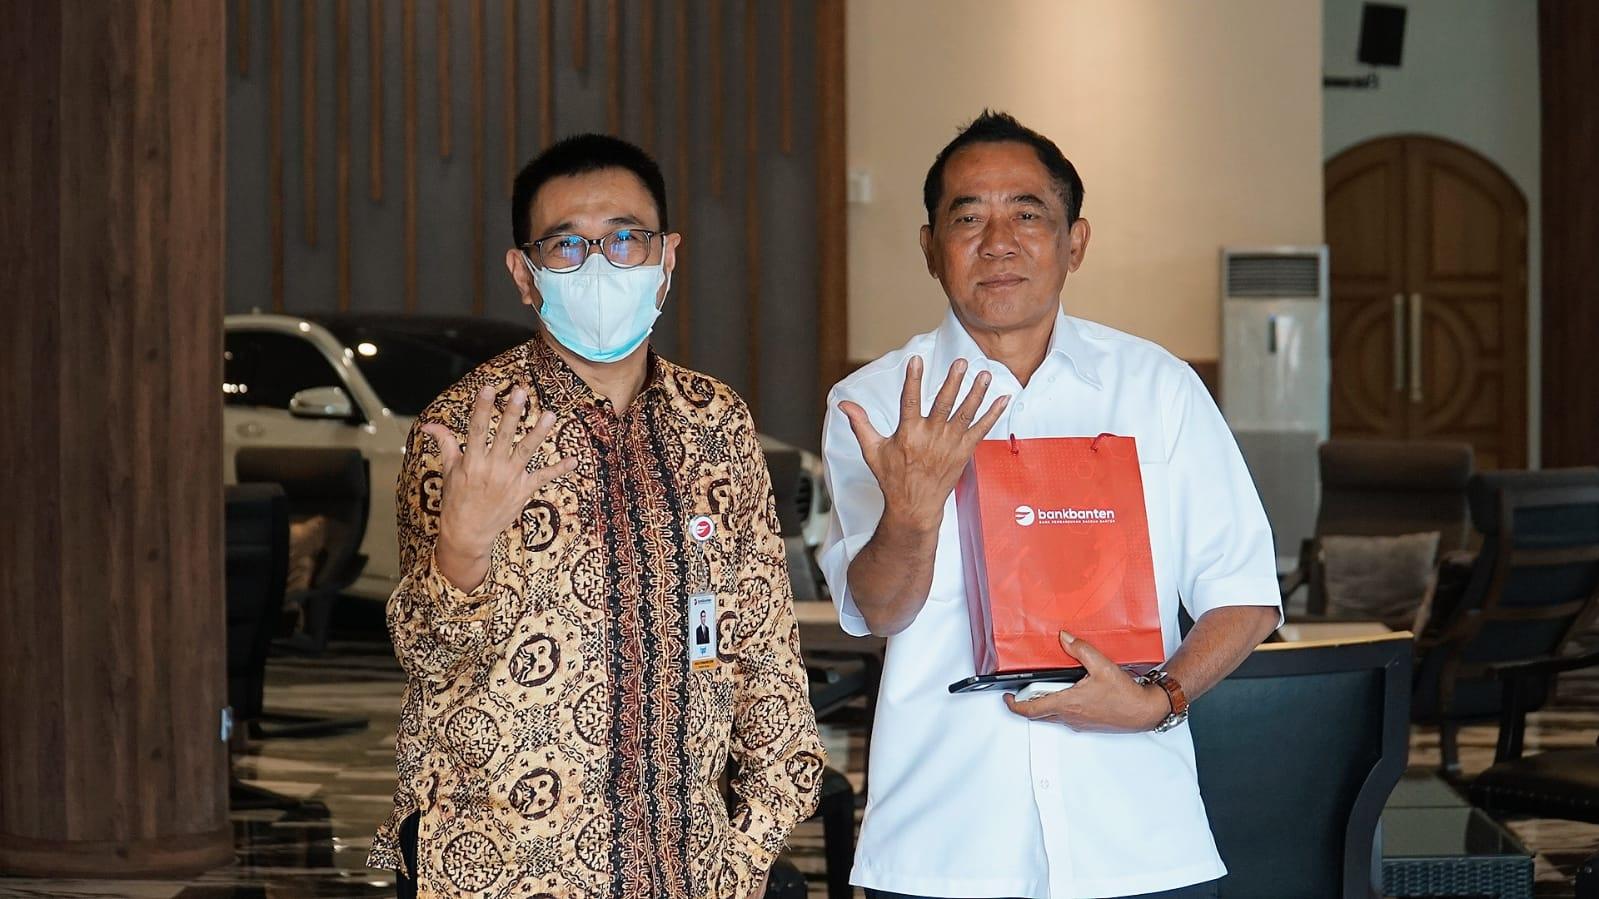 BEKS Bakal Garap Potensial Bisnis Kab.Lebak, Bank Banten (BEKS) Temui Ketua Kadin Banten